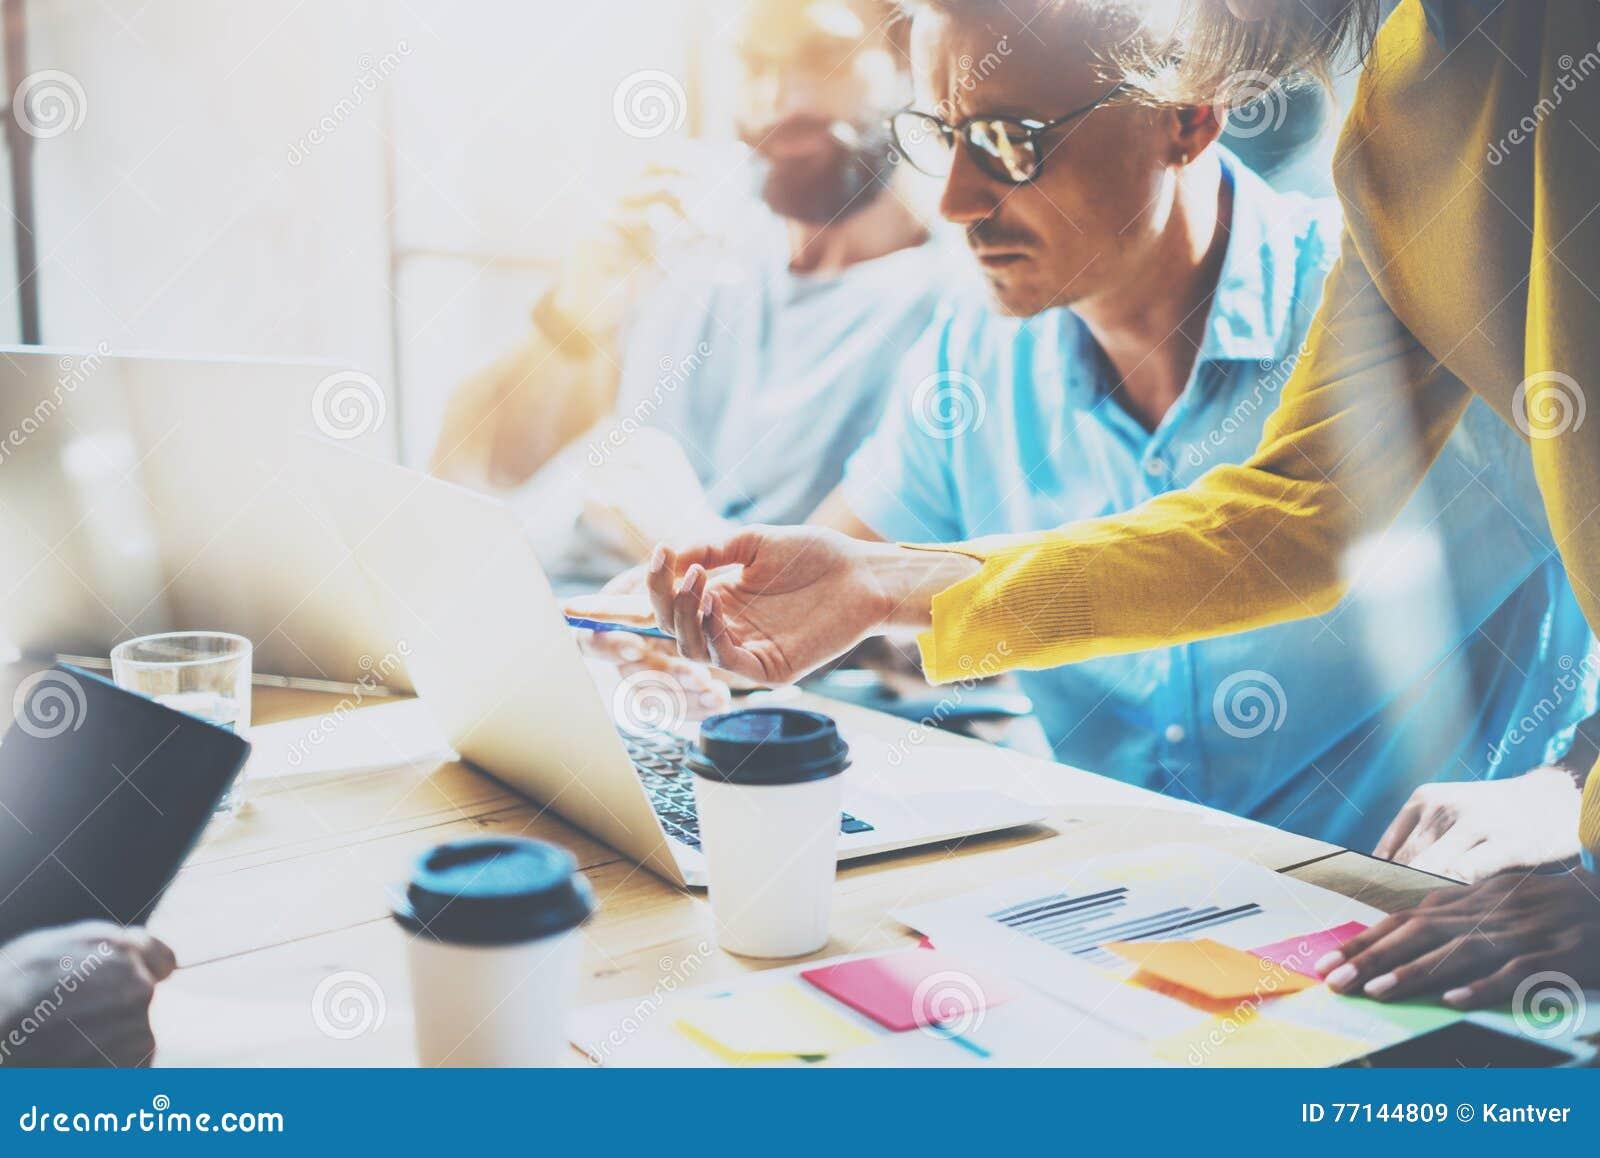 Молодые сотрудники группы делая большие деловые решения Студия концепции работы творческого обсуждения команды корпоративная Новы